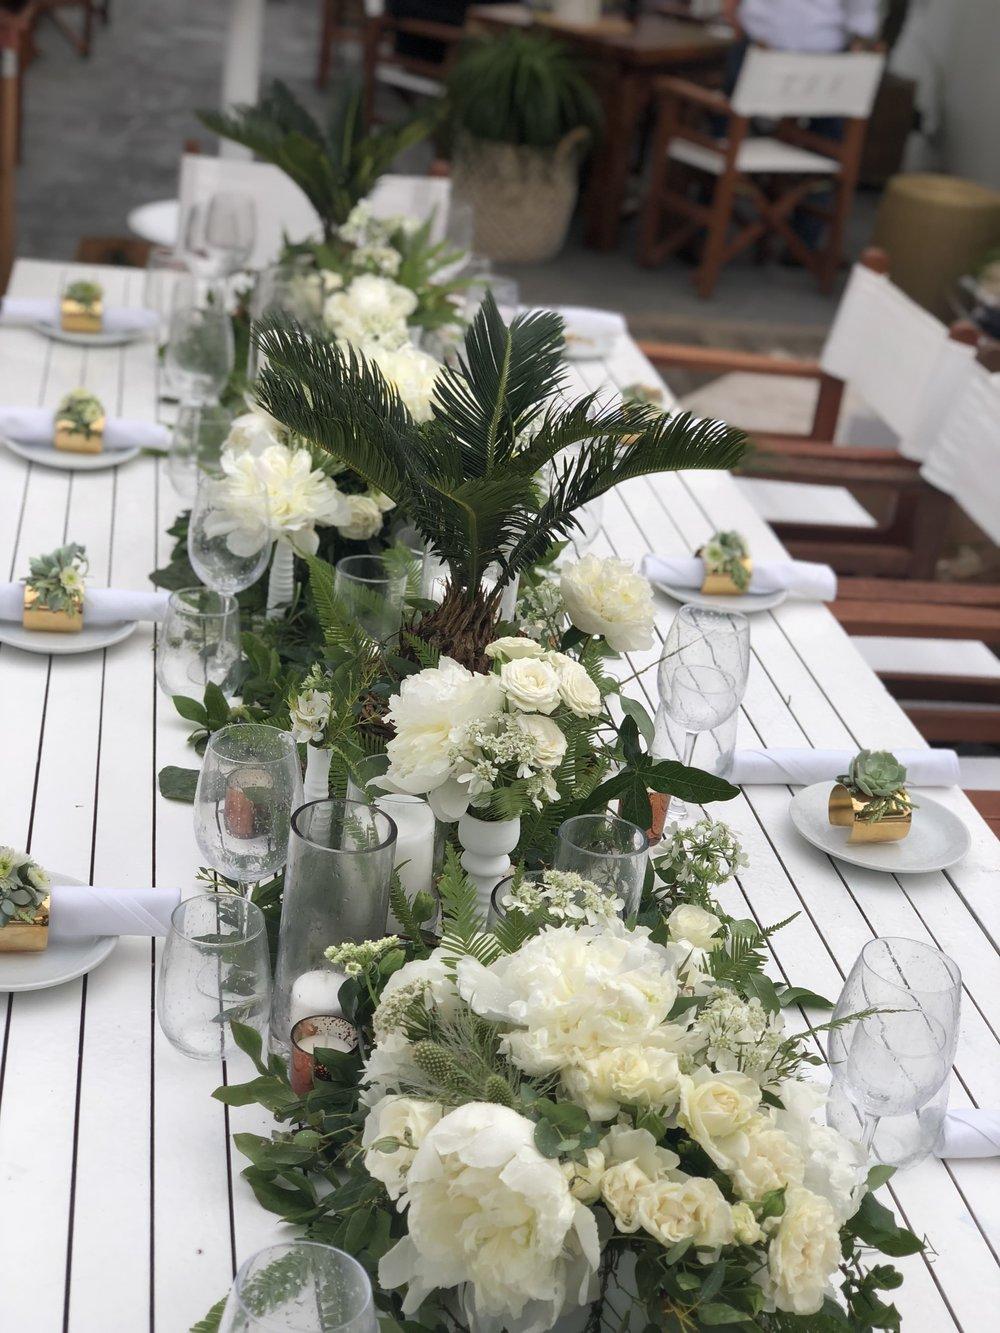 Hamptons Magazine x Nikki Beach Tablescape Details- B Floral